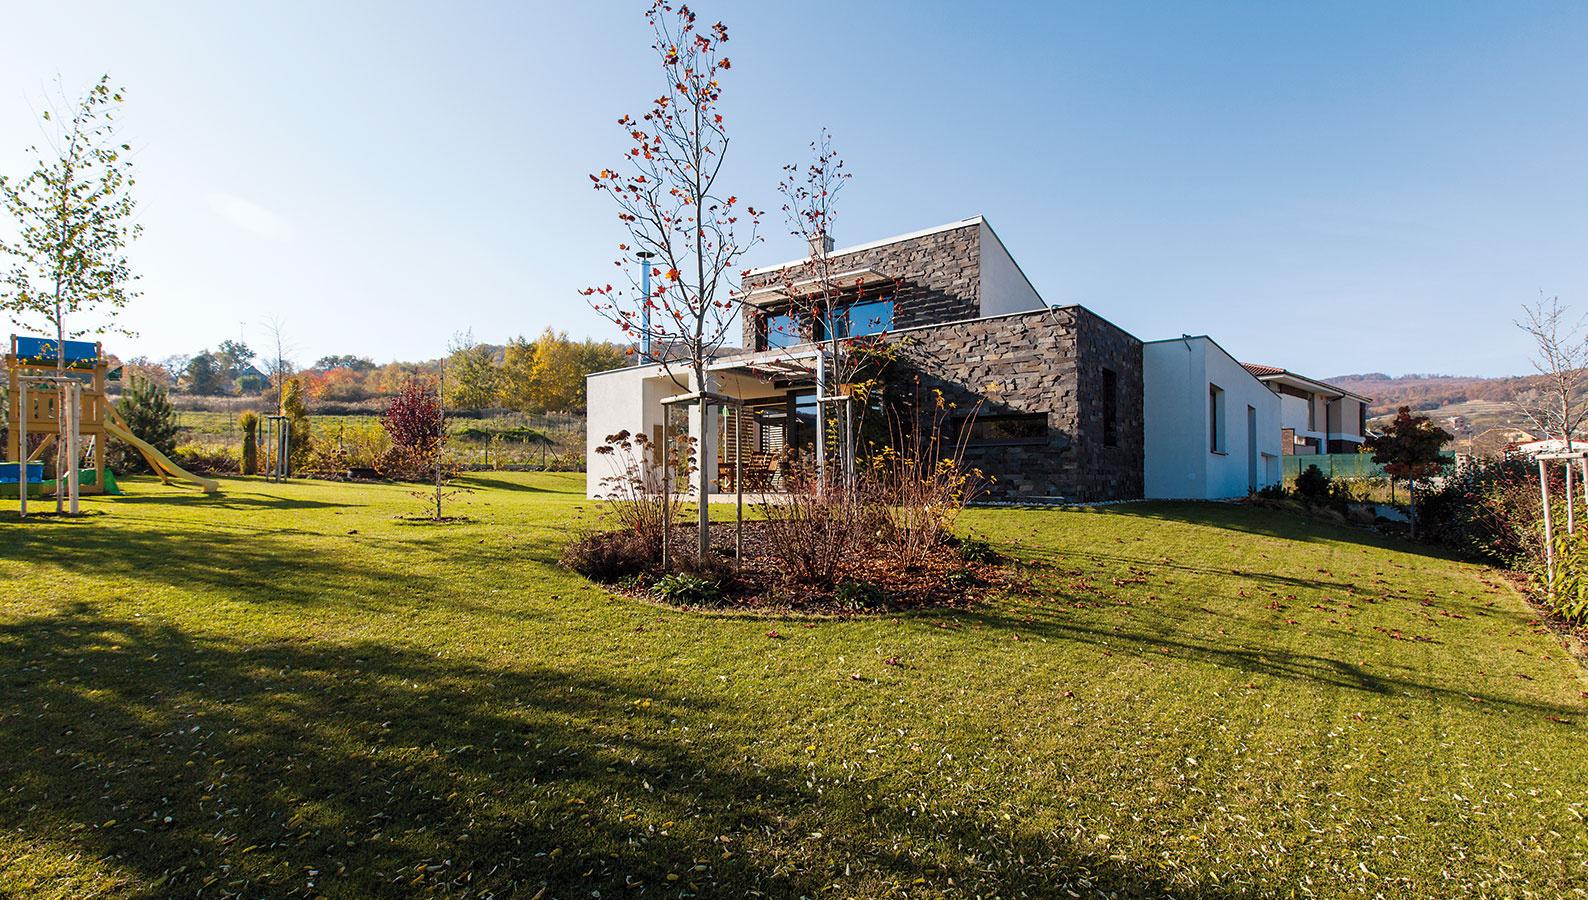 Vprospech záhrady. Architekt osadil dom na pozemku tak, aby zachoval čo najväčšiu slnečnú záhradu. Na severnej strane dodržal normou predpísaný minimálny odstup od susedného pozemku, na východe rešpektoval uličnú čiaru.